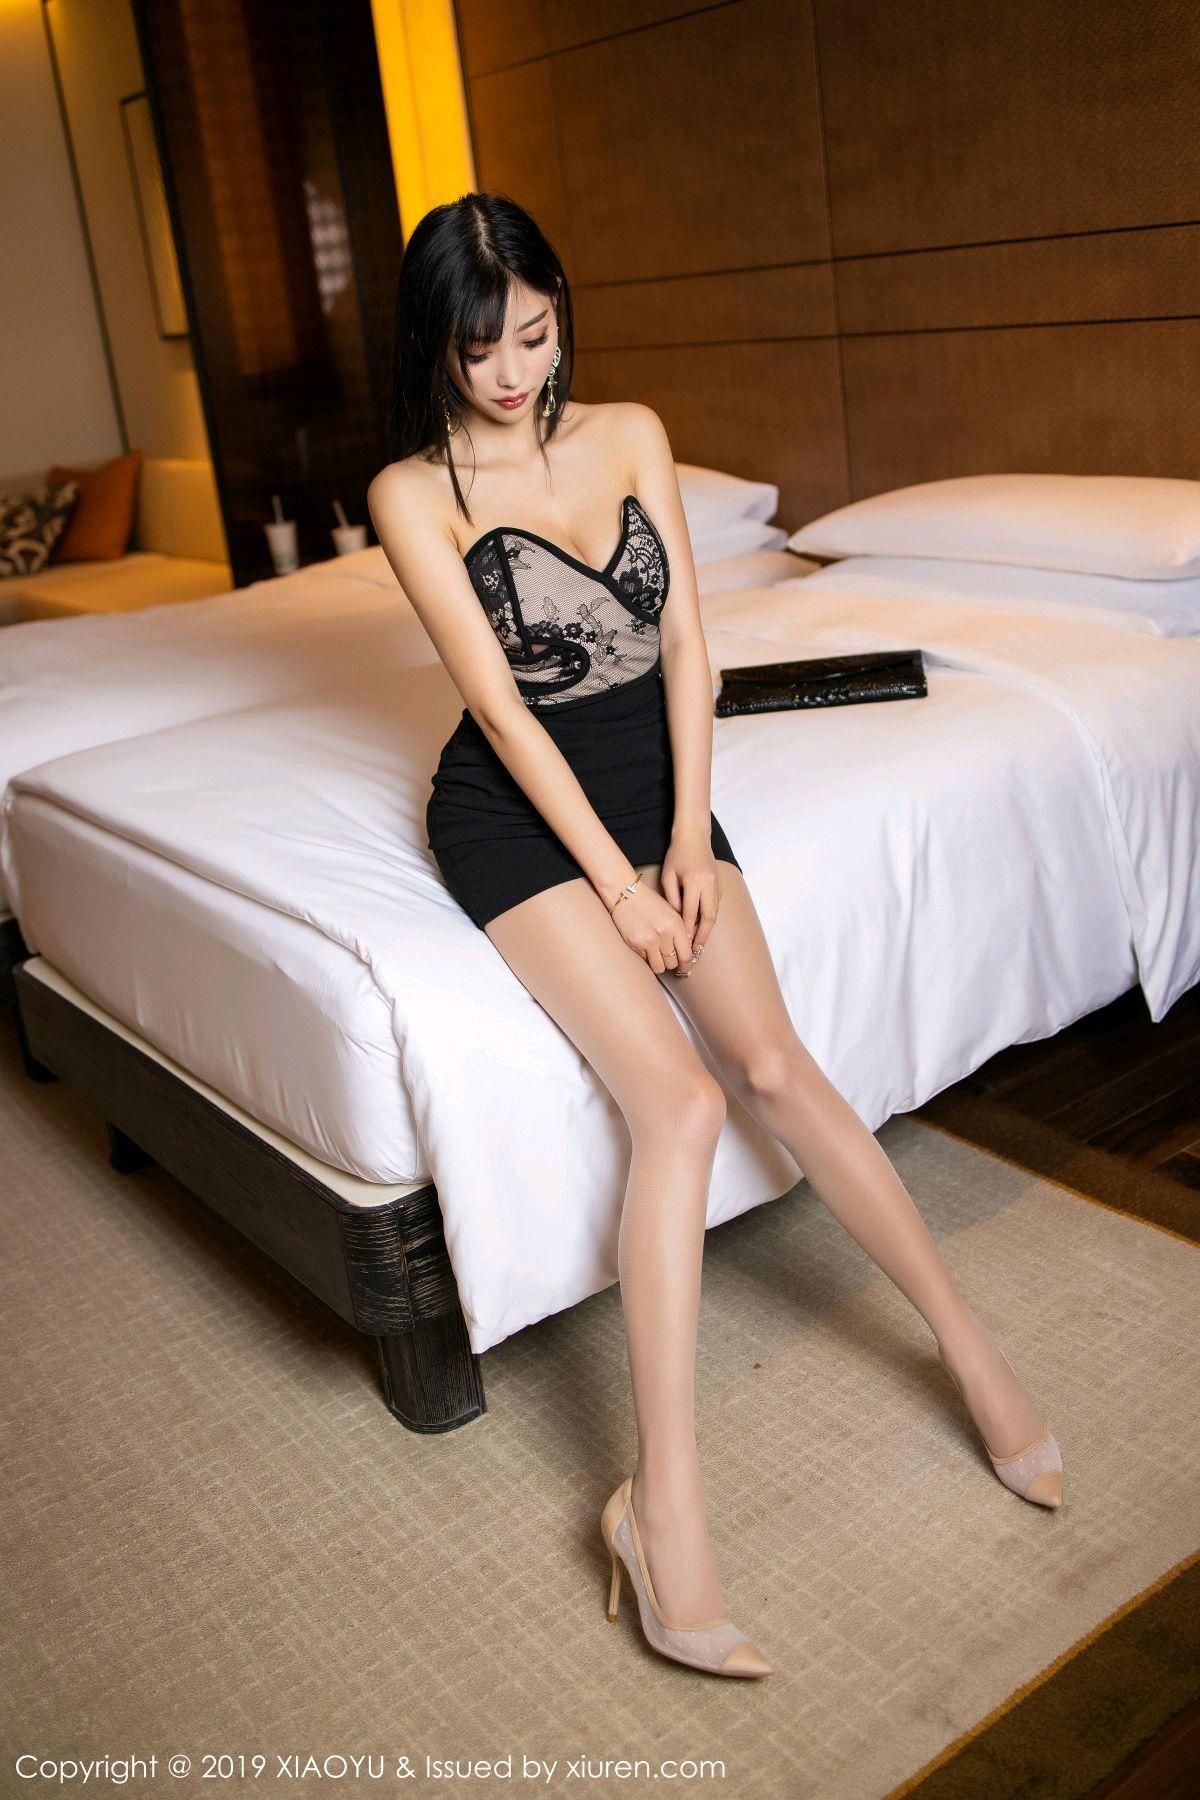 [XiaoYu] Vol.209 Yang Chen Chen 15P, Underwear, XiaoYu, Yang Chen Chen